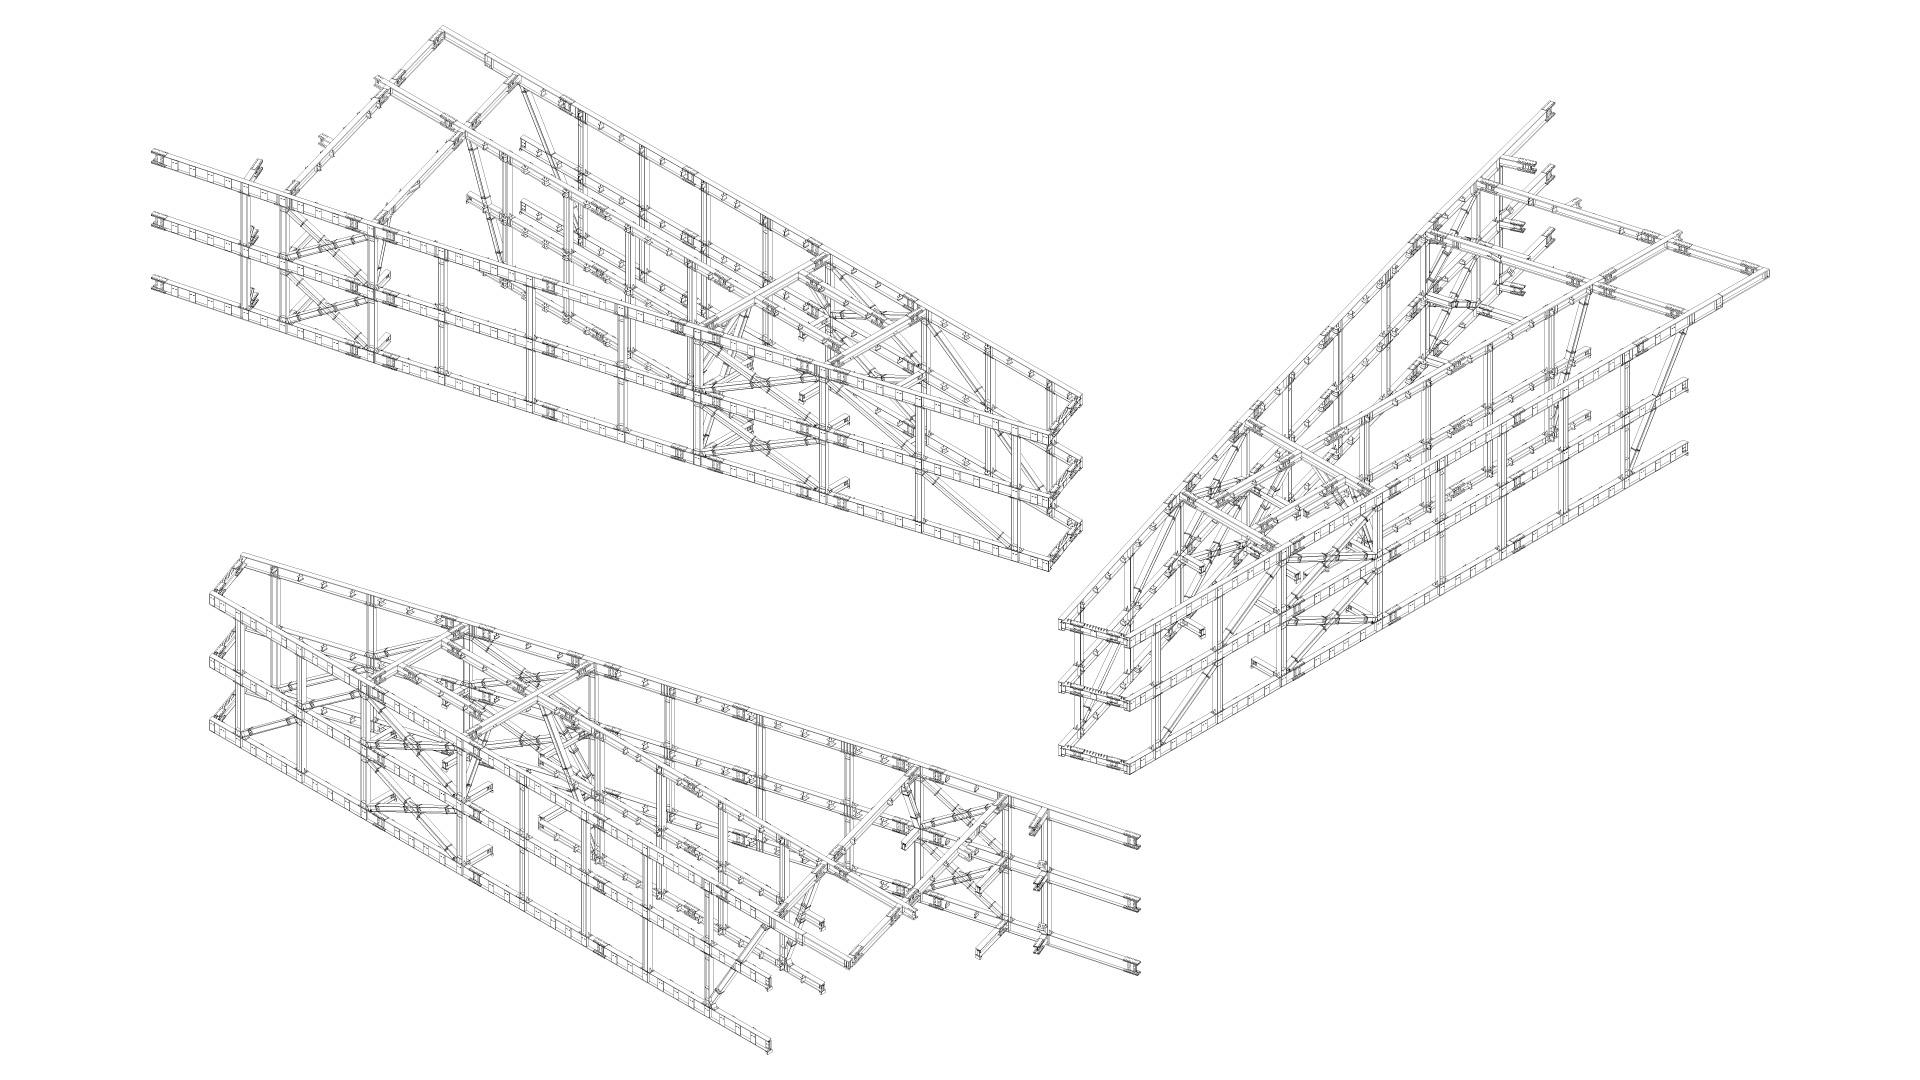 citta-del-sole-roma-progetto-carpenteria-civile